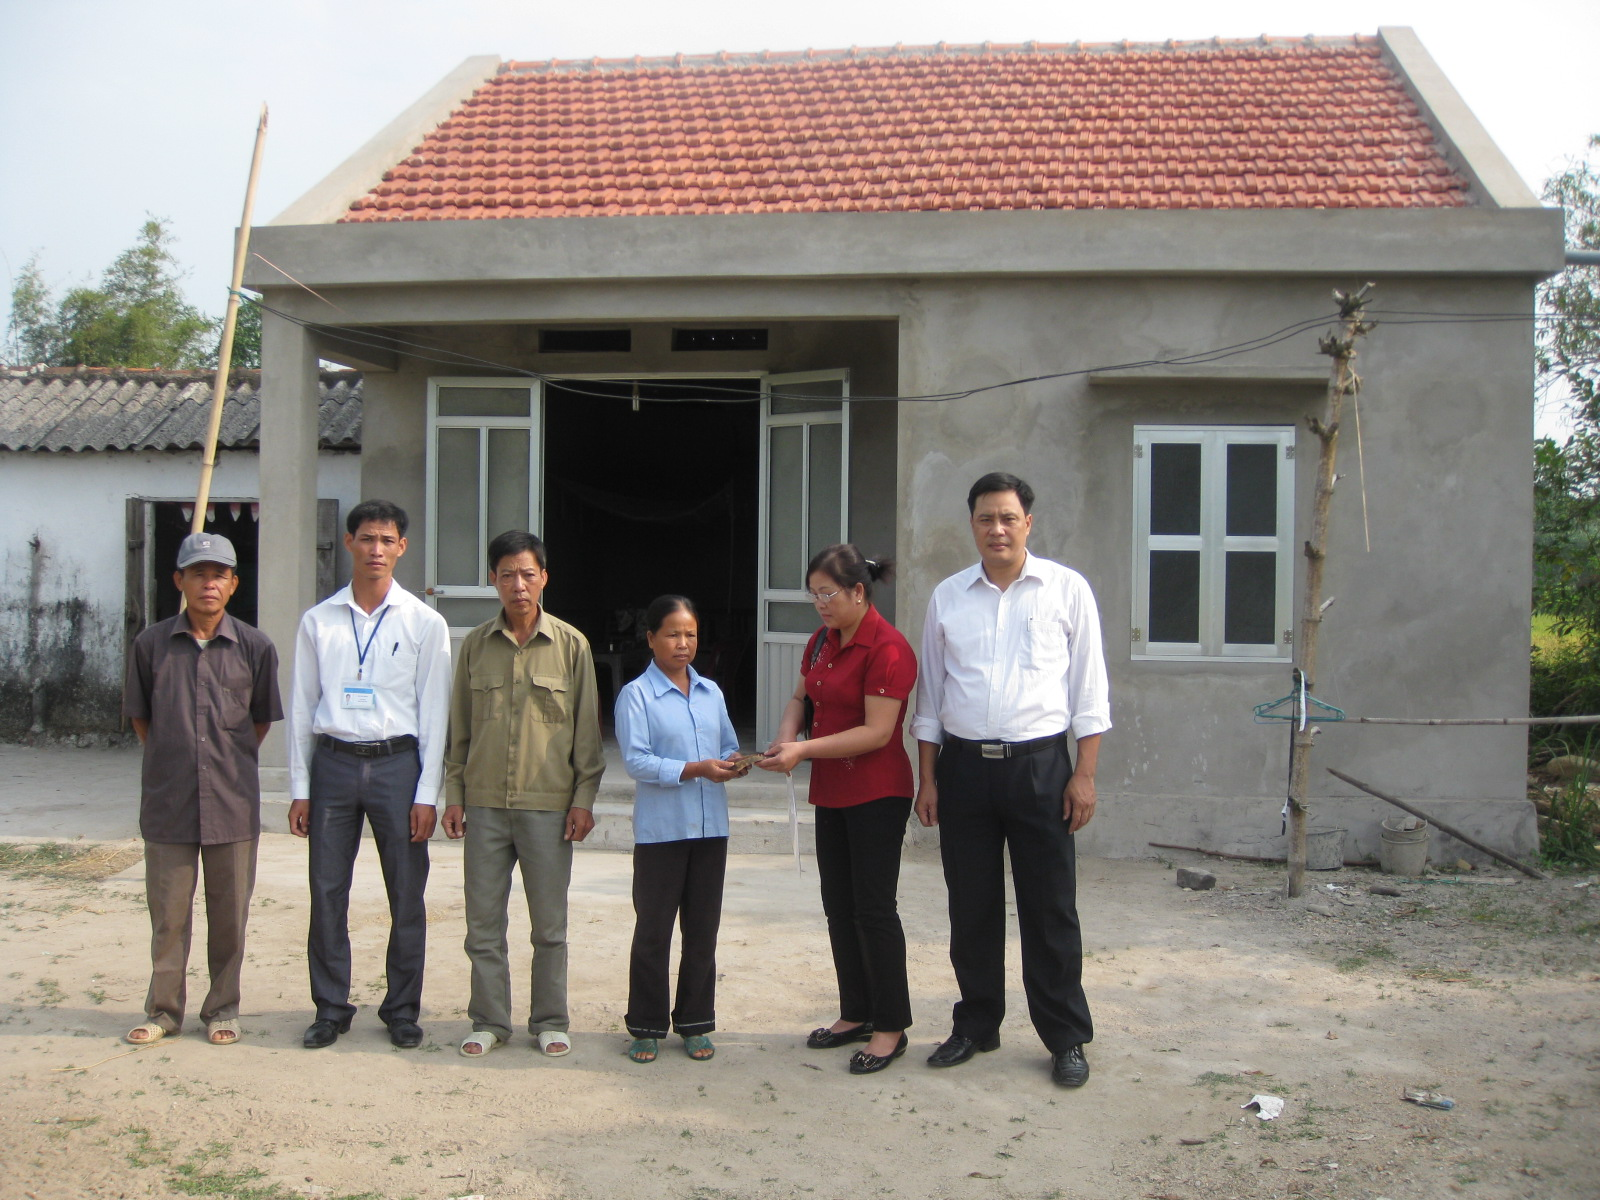 Bắc Ninh sẽ xây dựng 854 căn nhà cho người nghèo trong năm 2017 (ảnh minh họa)